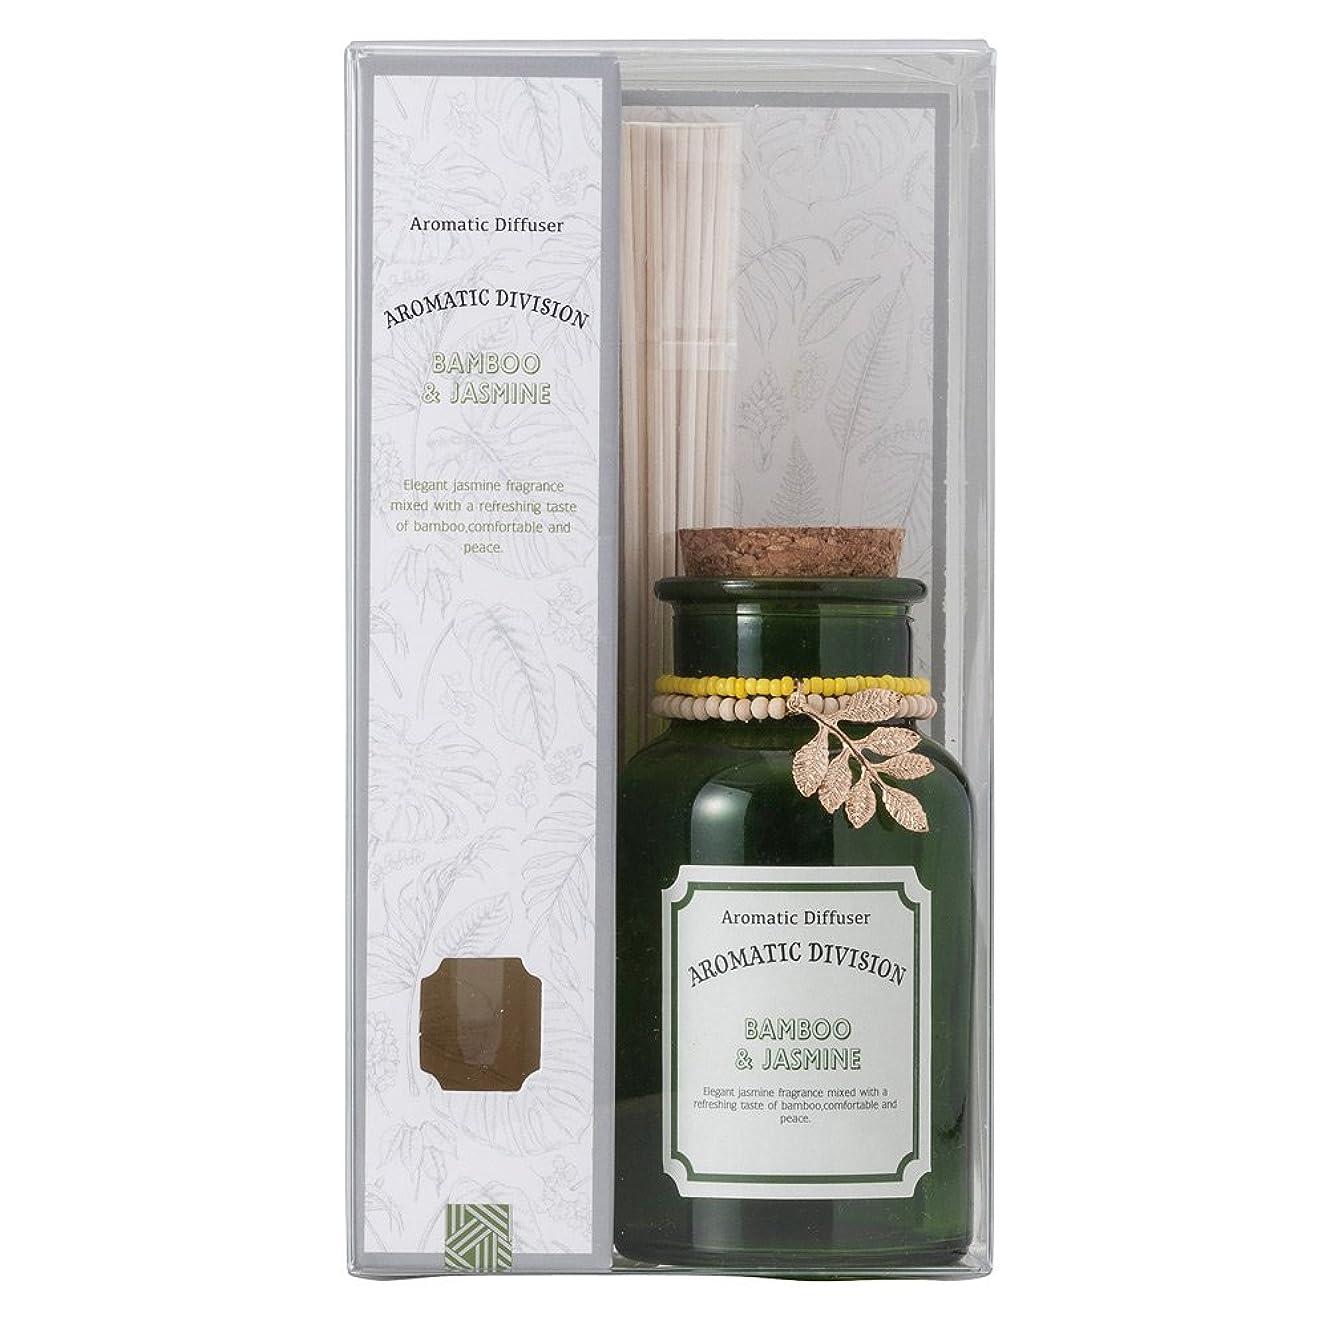 《アロマの香りで癒される》イシグロ ルームフレグランス ロアンヌ70171グリーン?スイートジャスミン